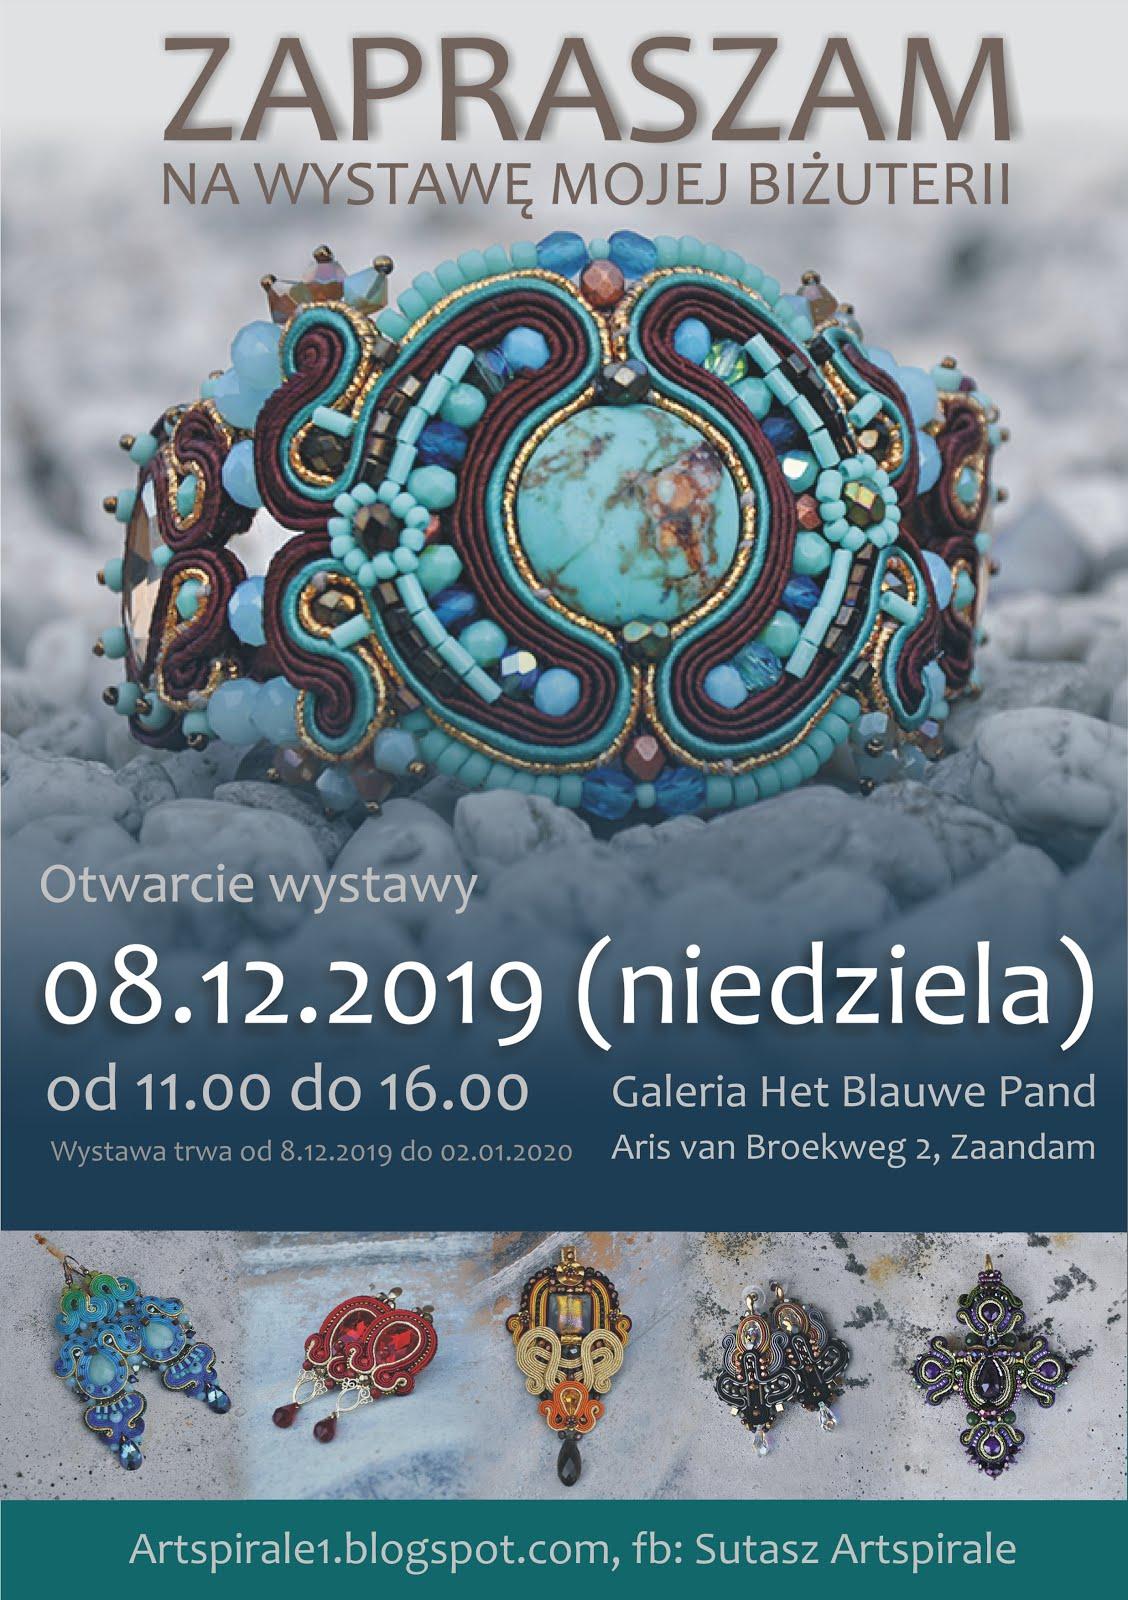 Wystawa biżuterii, grudzień 2019, Holandia